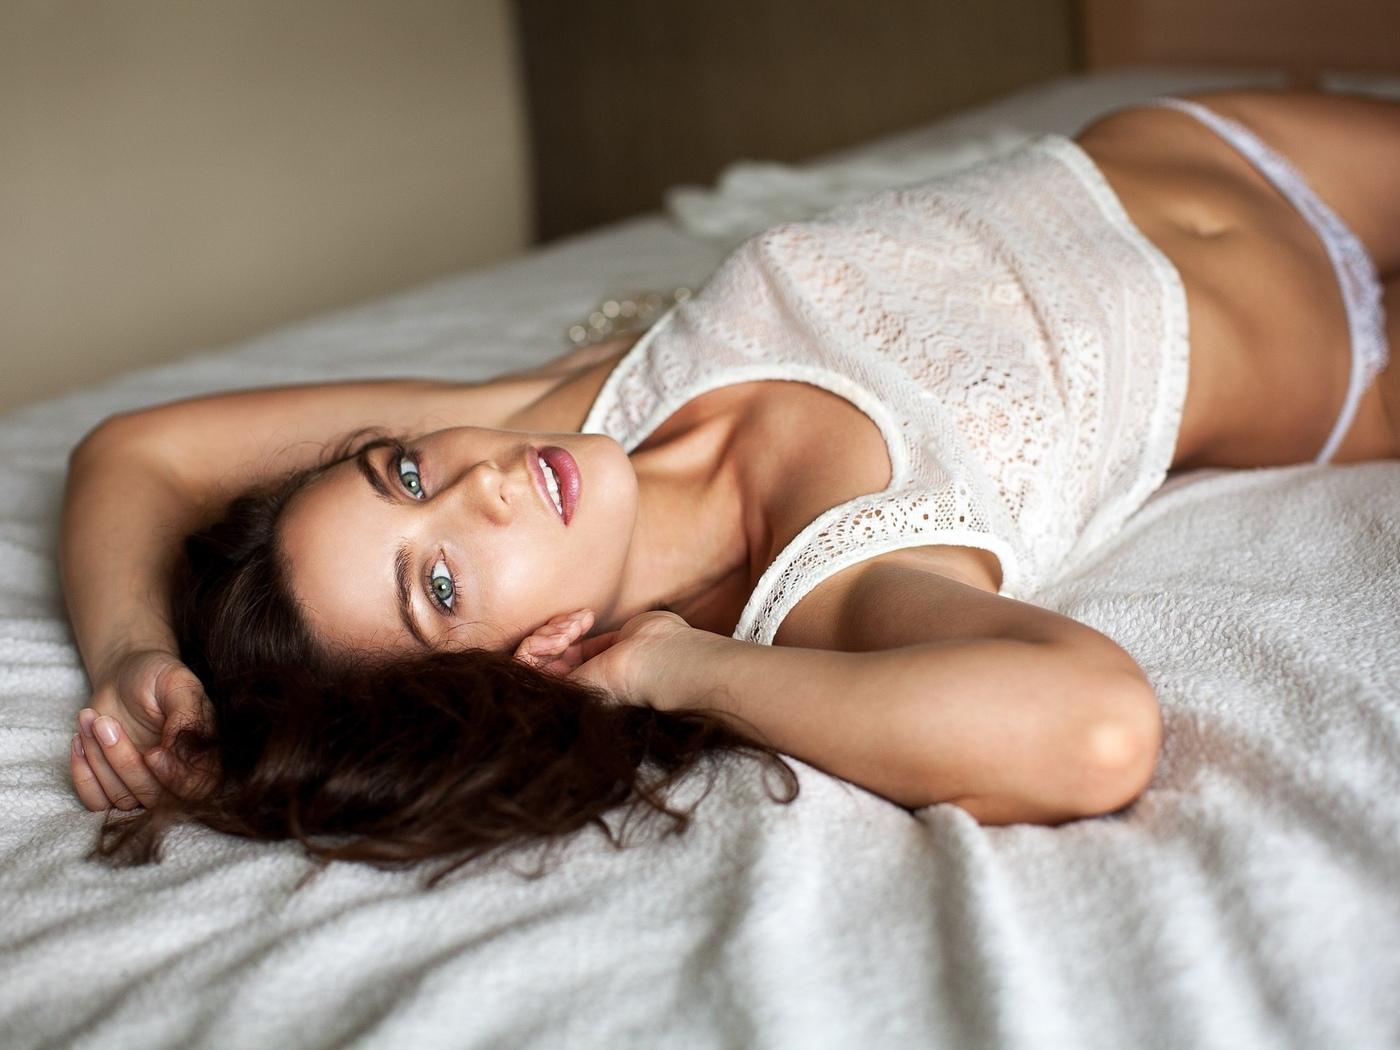 женщины, брюнетка, смотрит на зрителя, живот, в постели, белые трусики